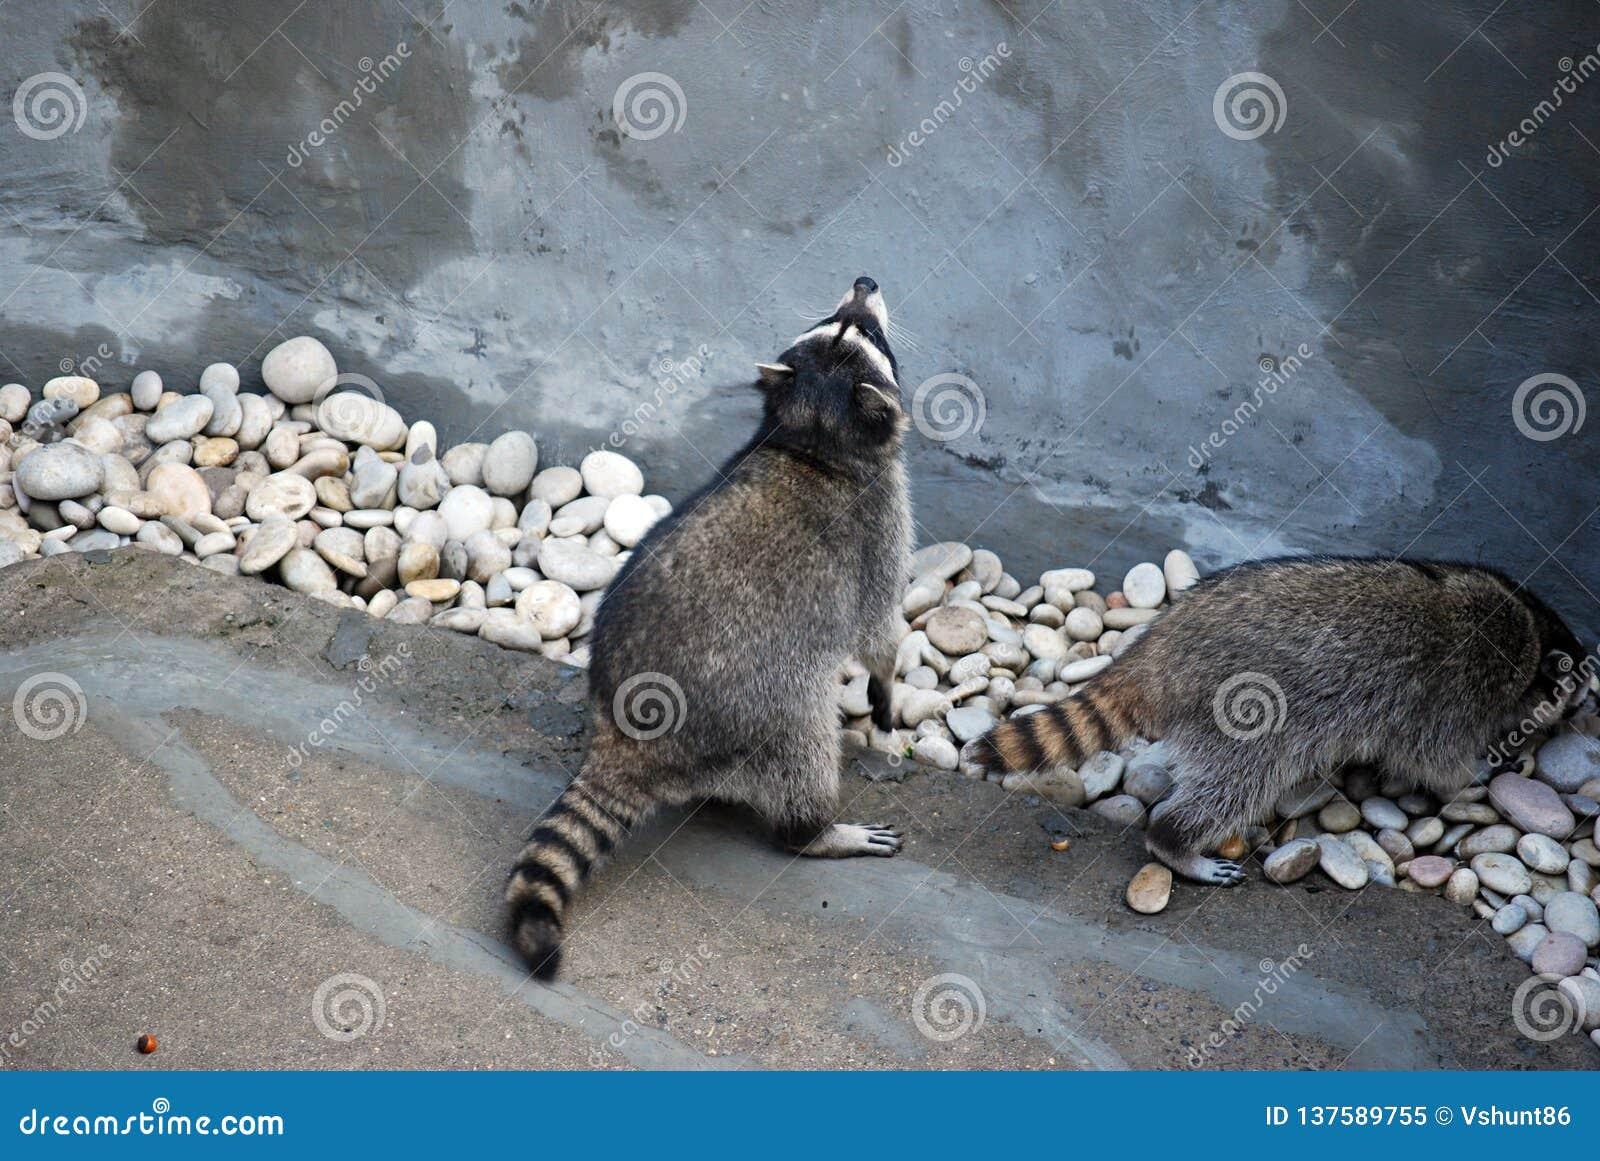 Το ρακούν εγκλωβίζει υπαίθρια, στο ζωολογικό κήπο της Μόσχας Γένος των αρπακτικών θηλαστικών της οικογένειας enotovy